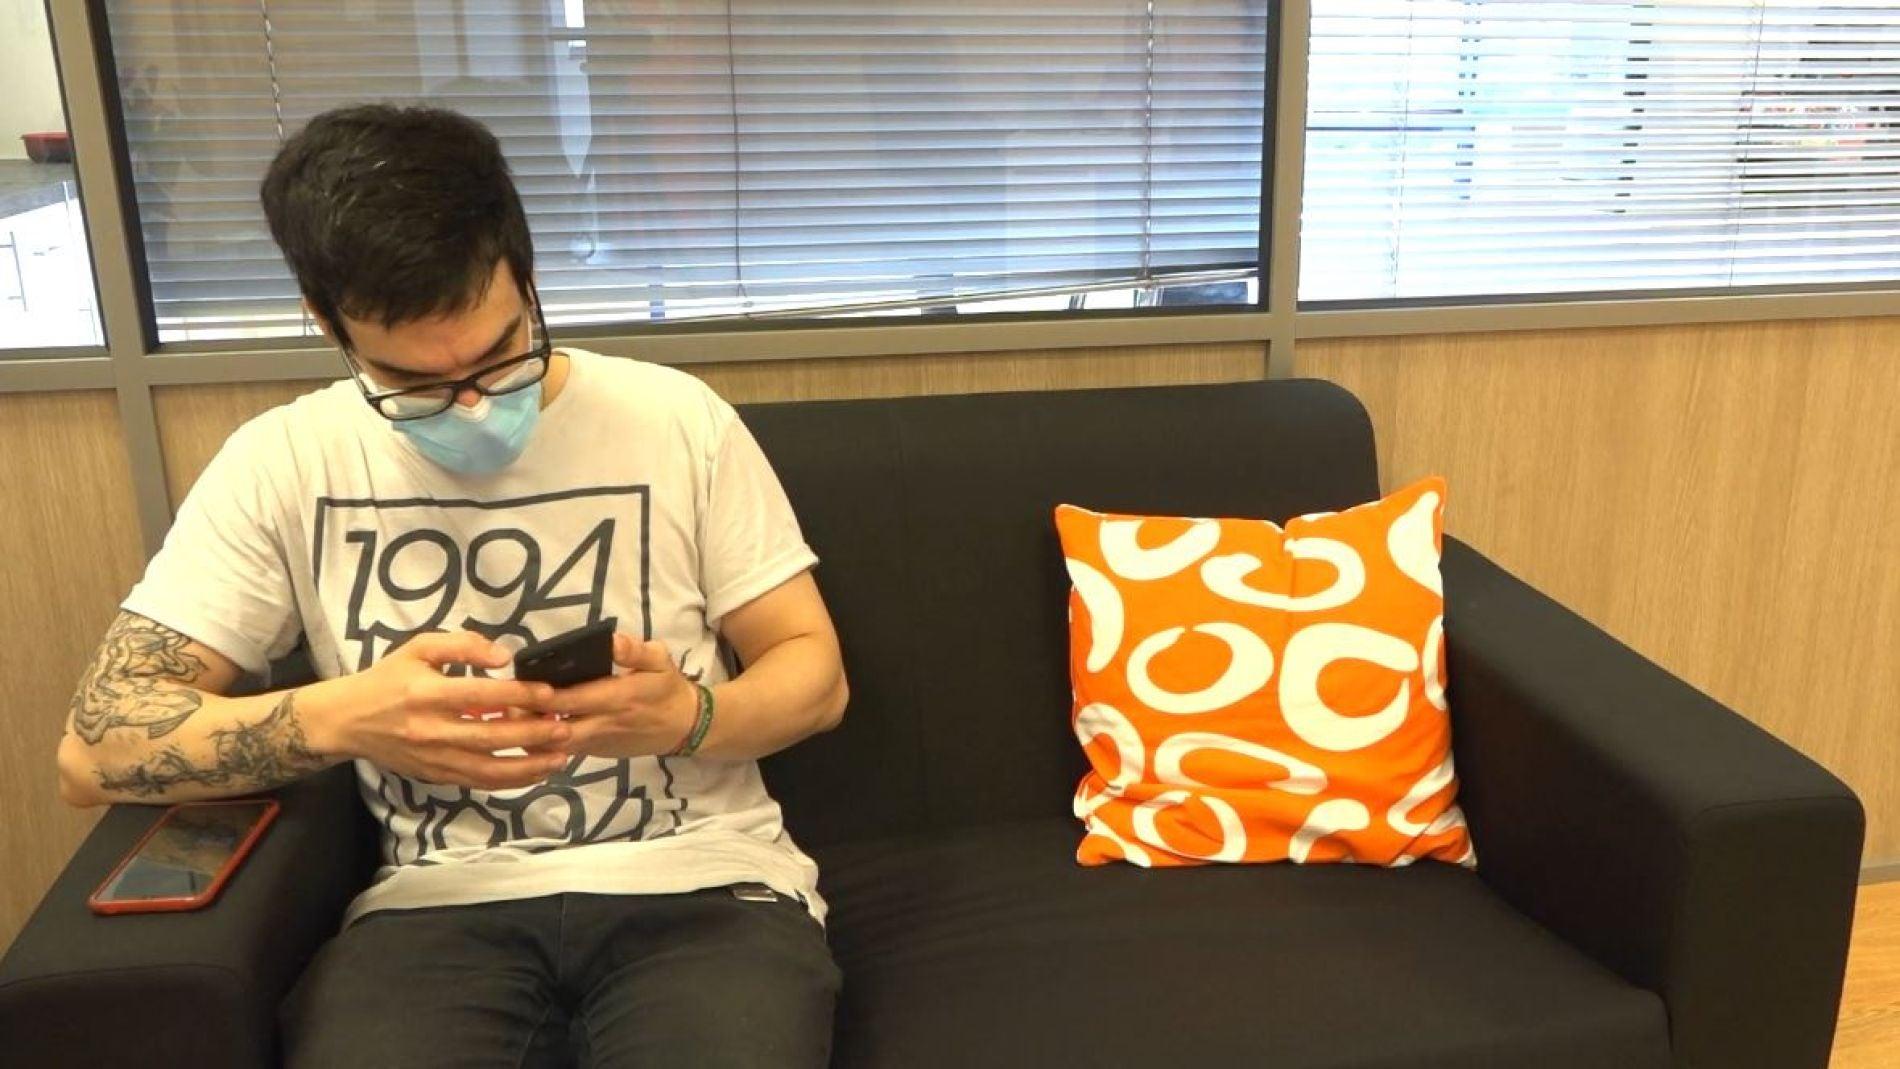 Chico mirando el móvil